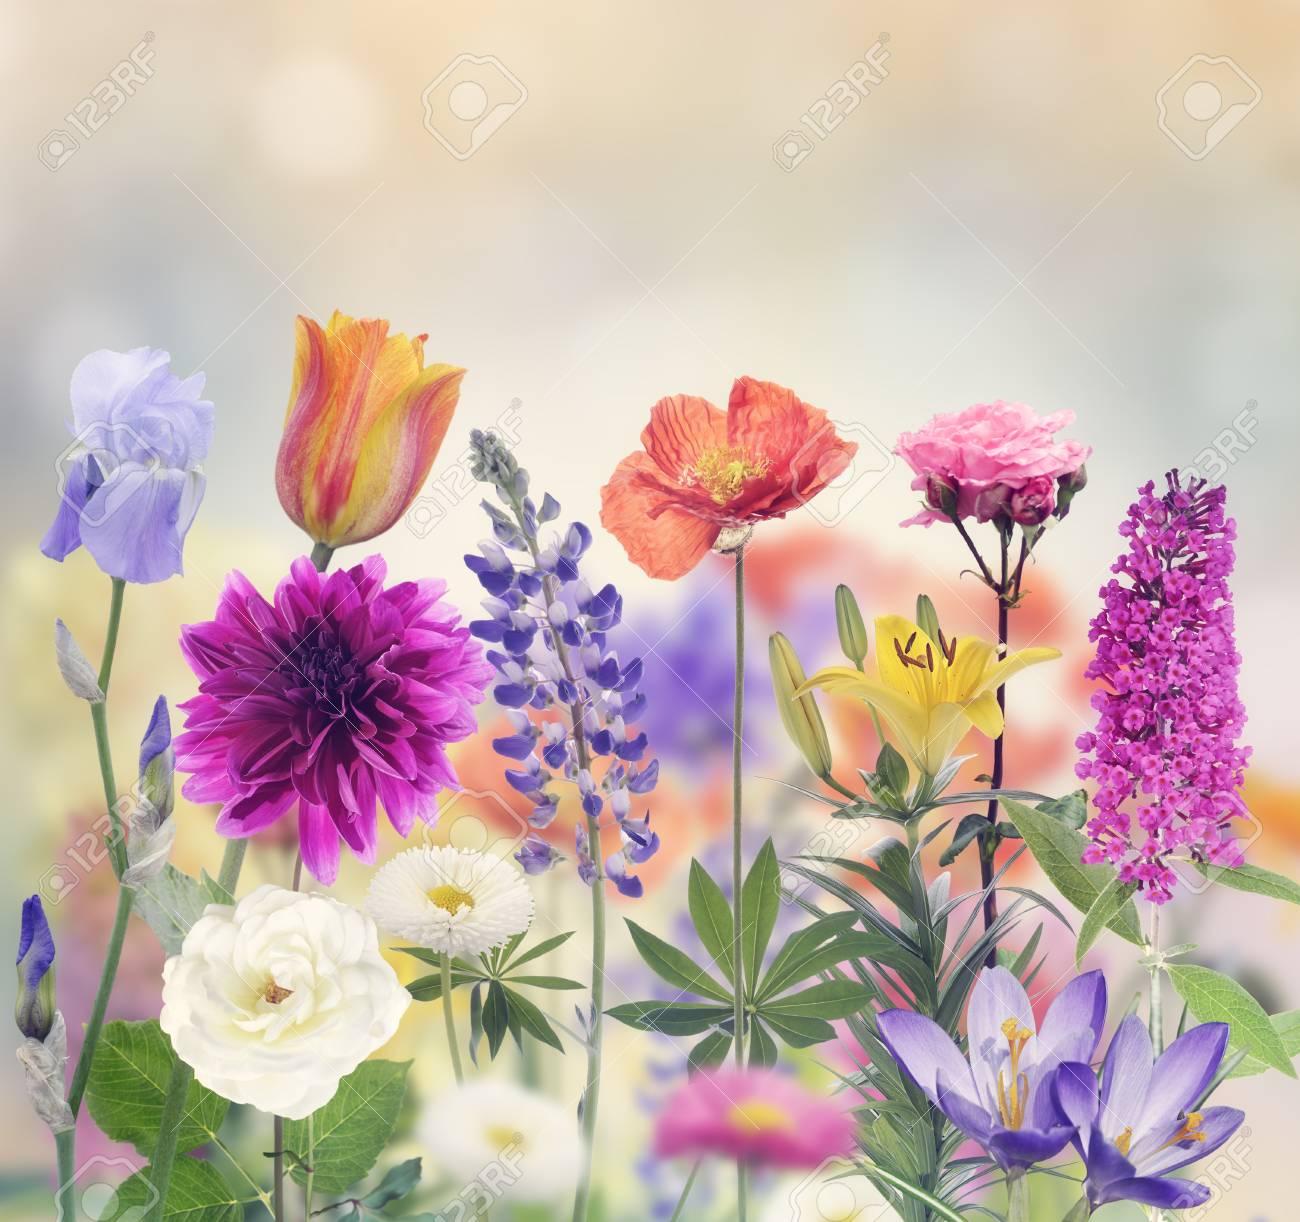 Variété de fleurs fleurissent dans ce jardin